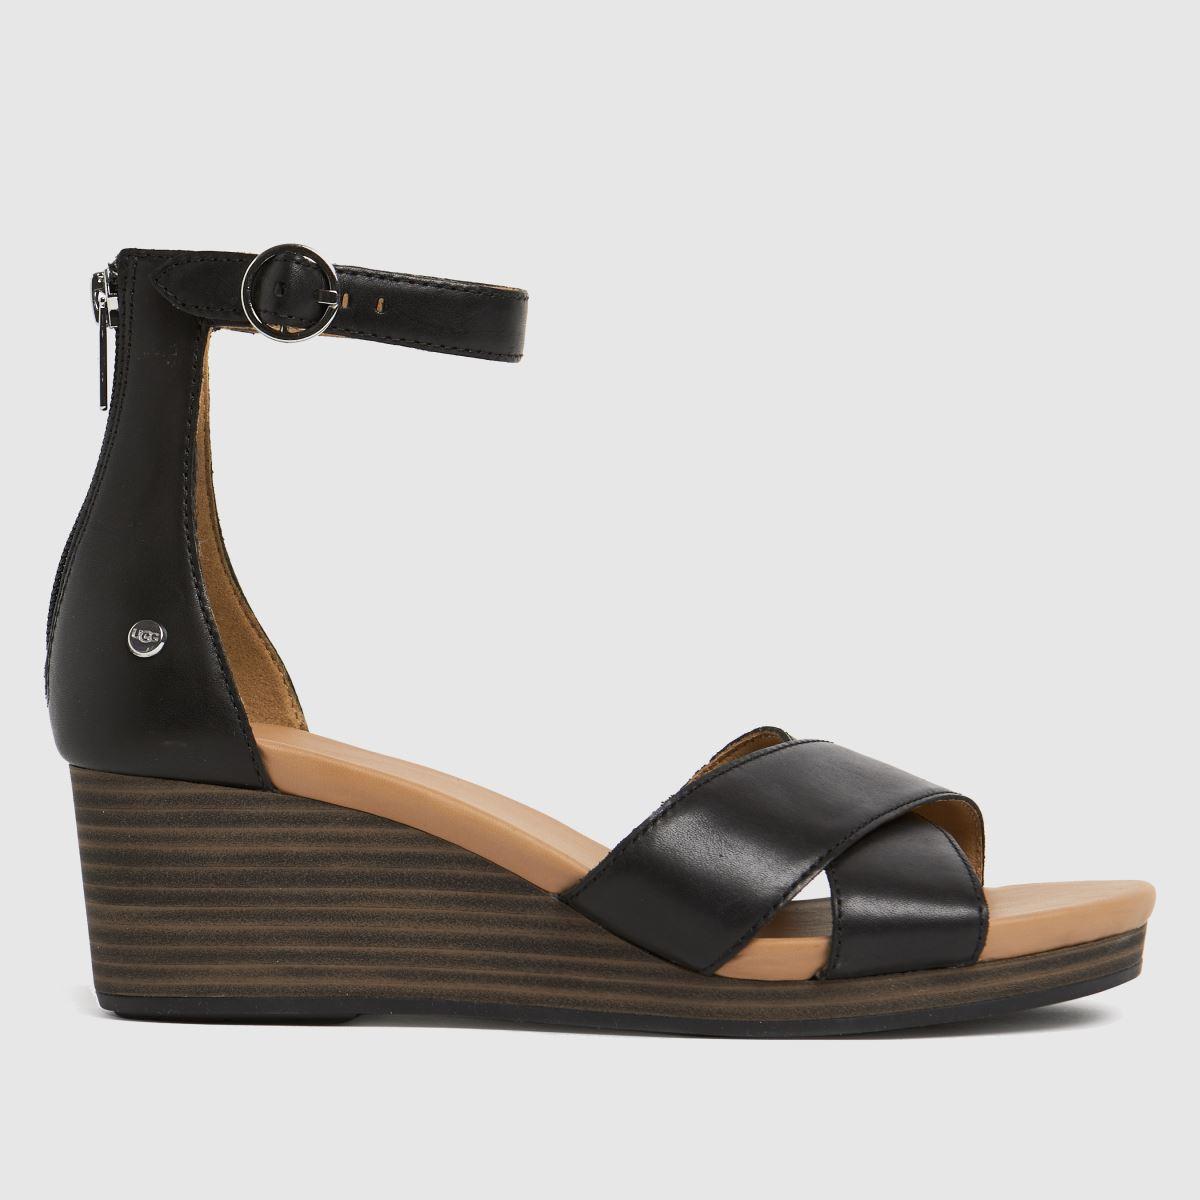 UGG Black Eugenia Sandals